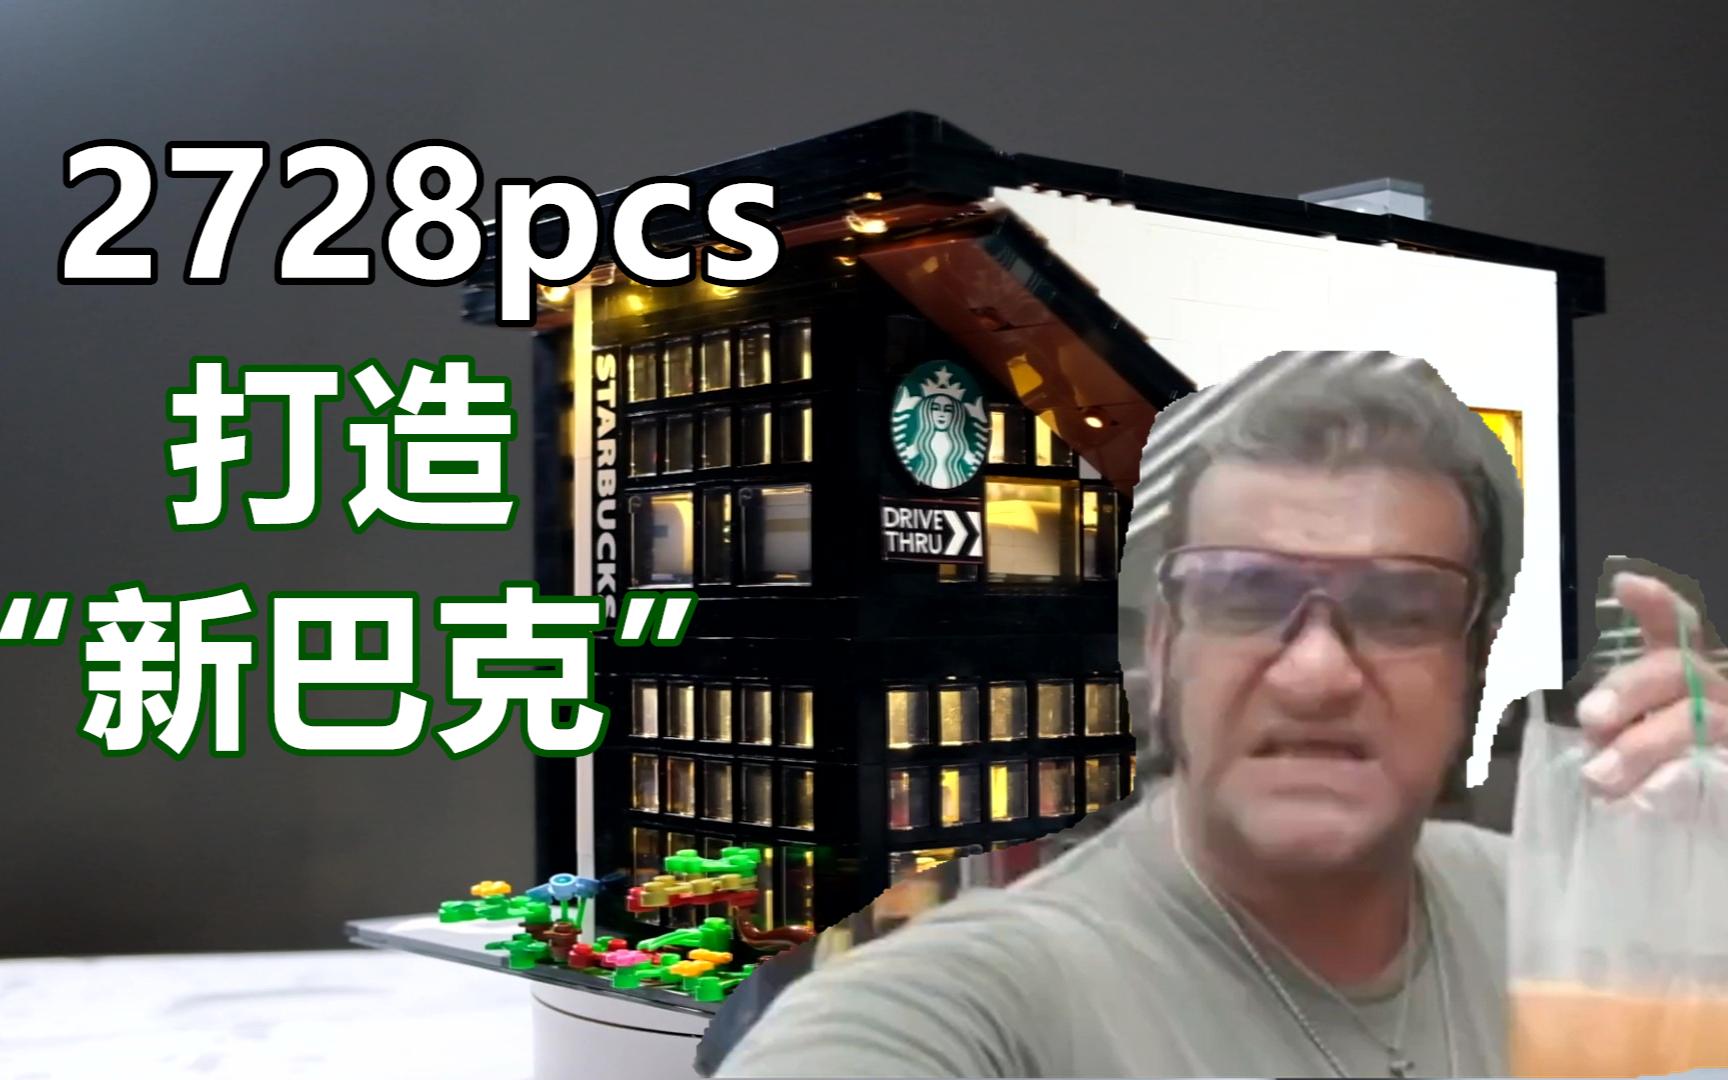 """【梅男】380元,2728片零件,我拥有了自己的""""新""""巴克咖啡厅!"""